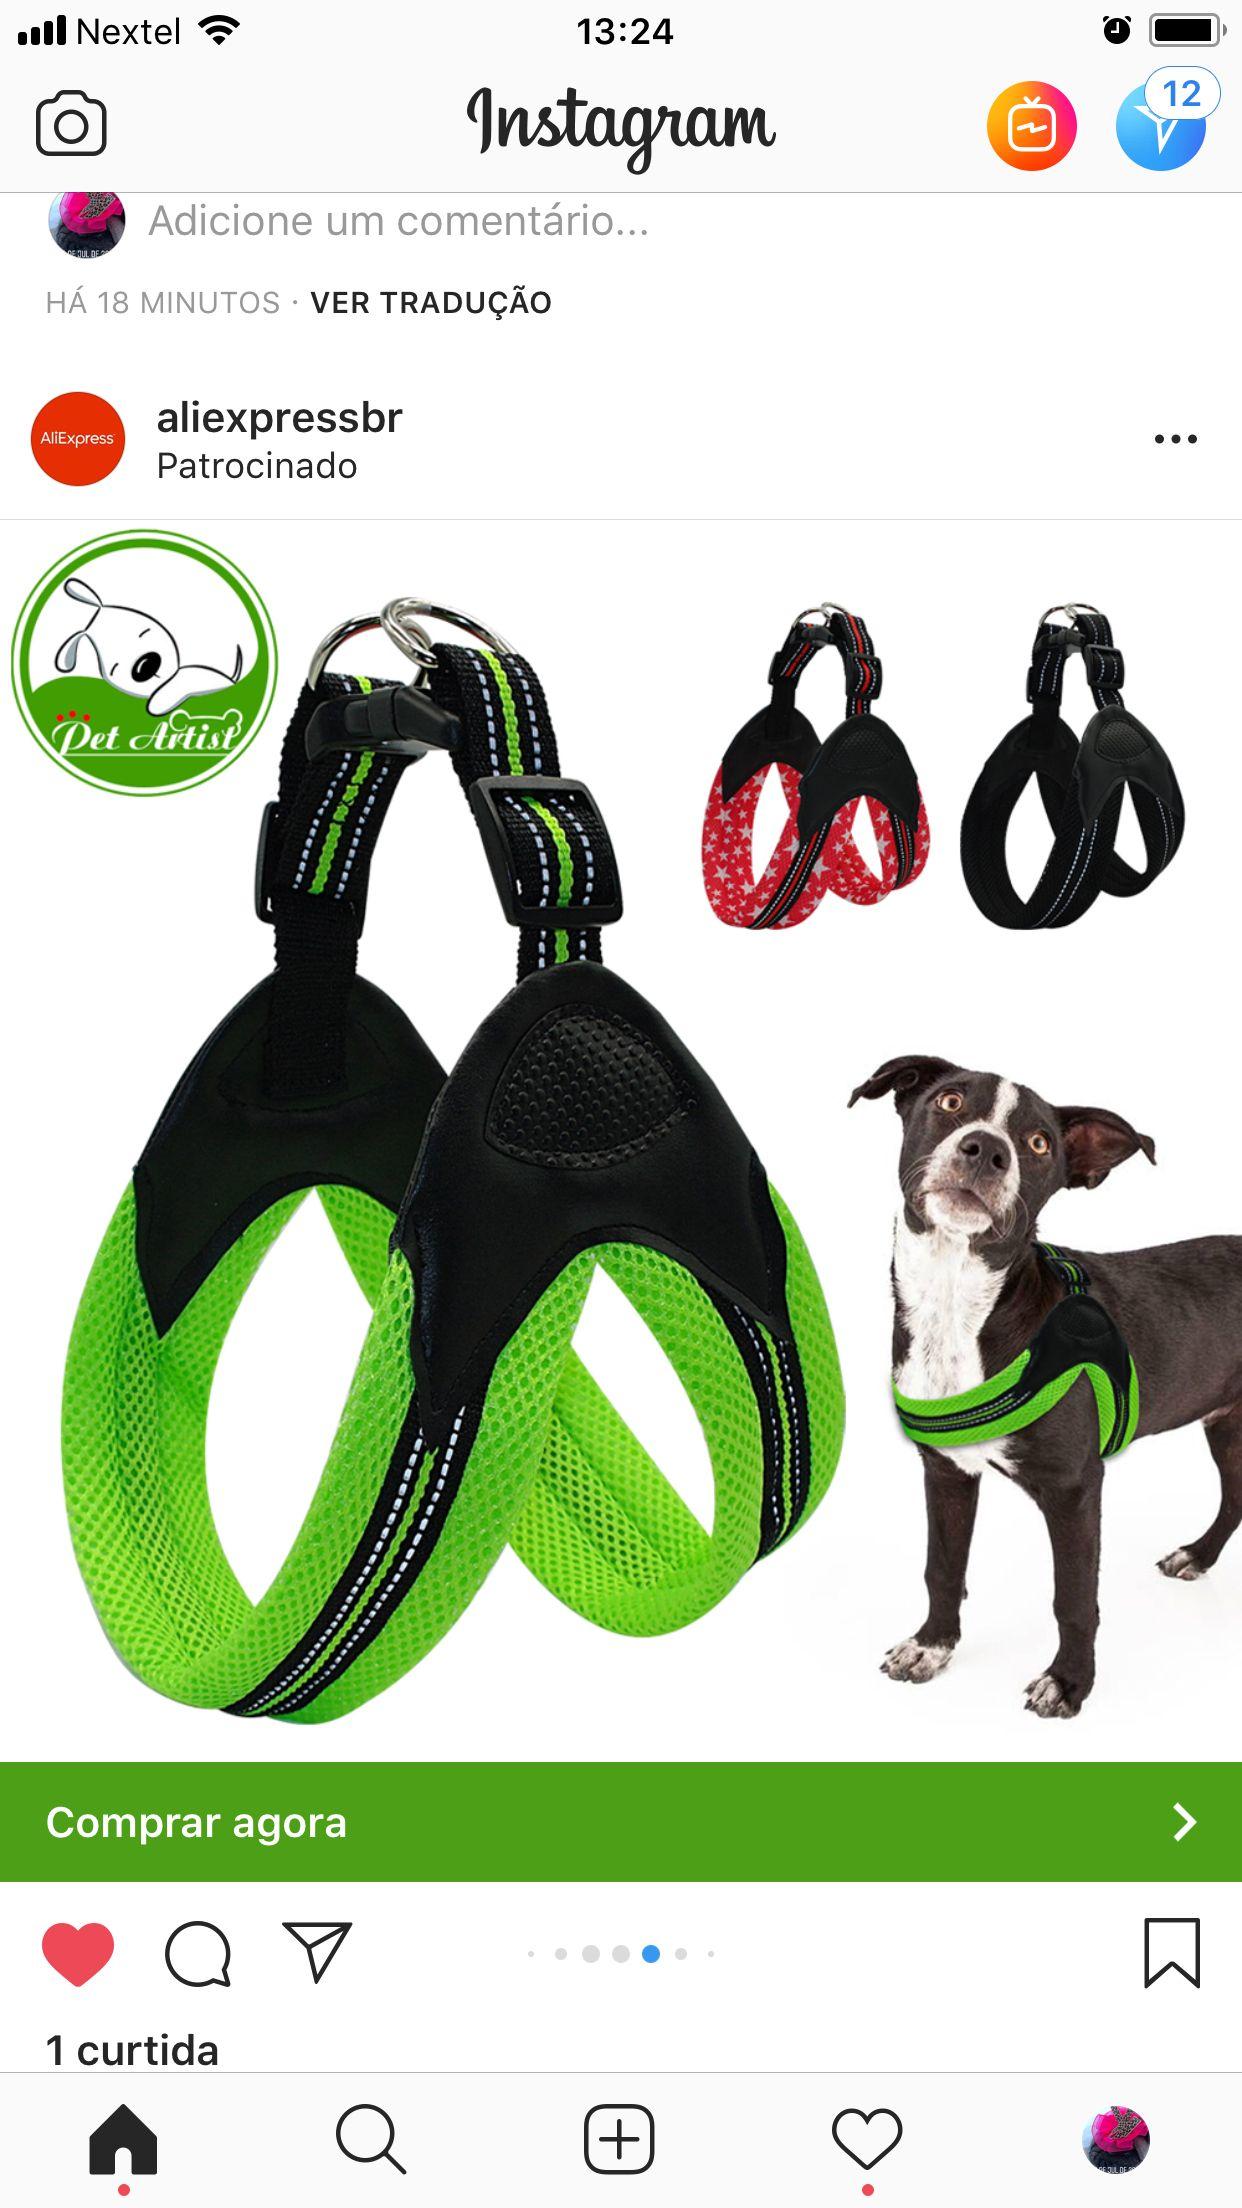 Collar para Perros MICHUR Leon Collar para Perros Cuero Cuero Disponible en Diferentes tama/ños con Lirios pedrer/ía y aplicaci/ón de Cabeza de le/ón Gris-Negro Collar para Perros